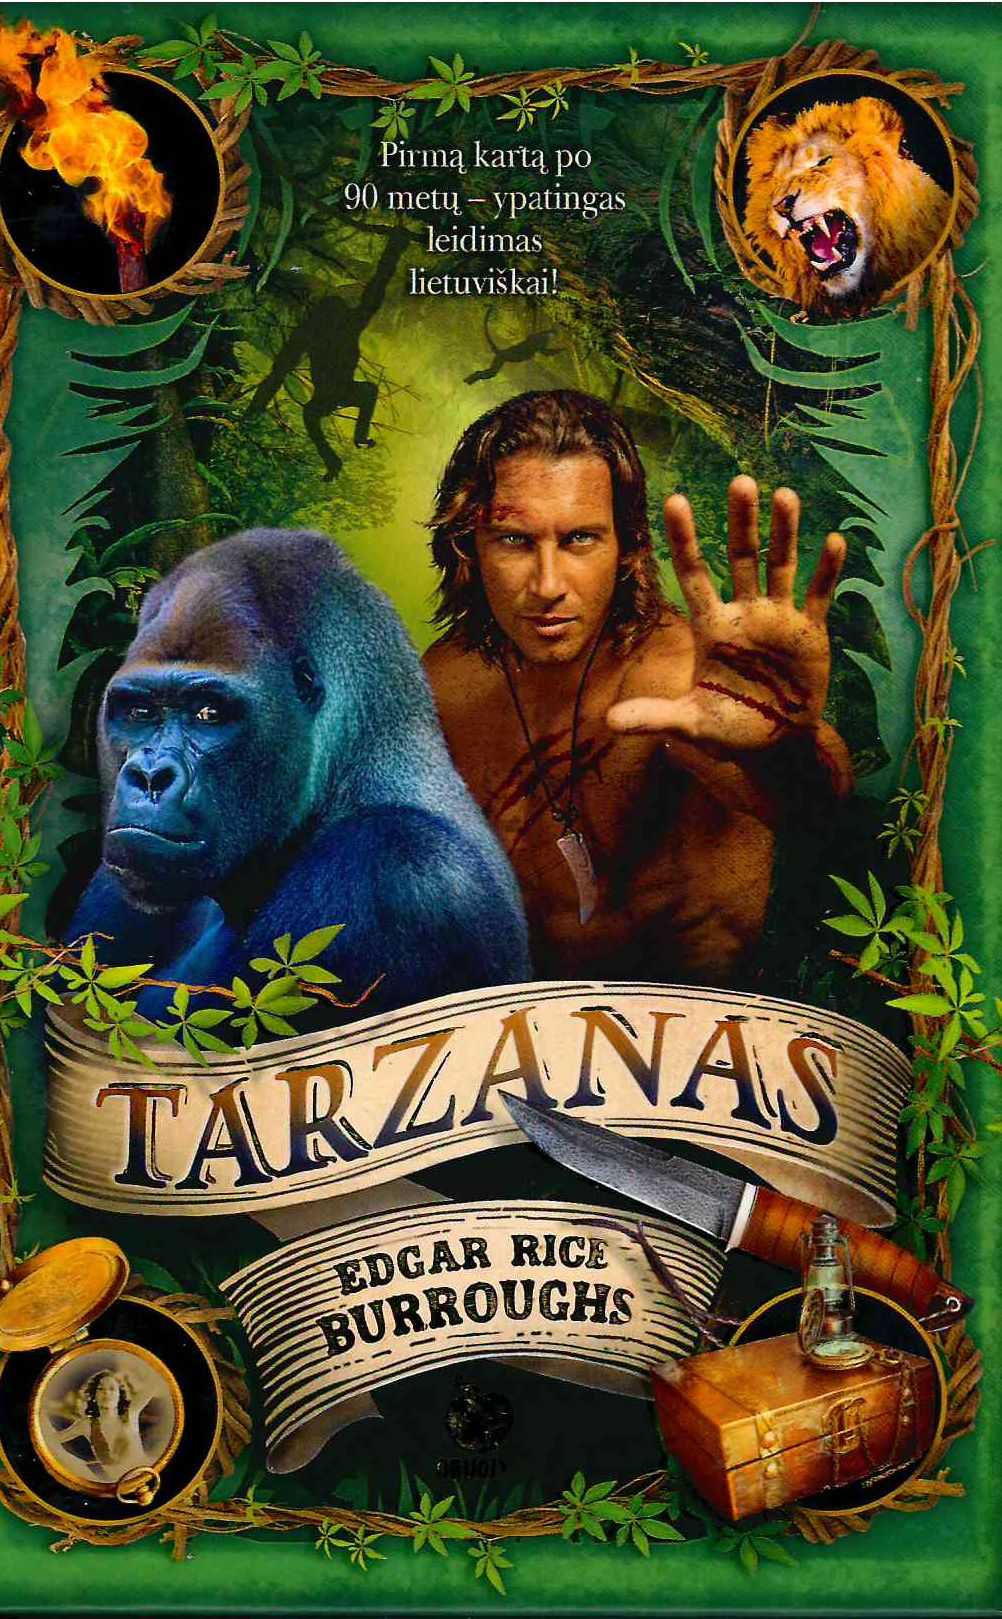 Tarzanas